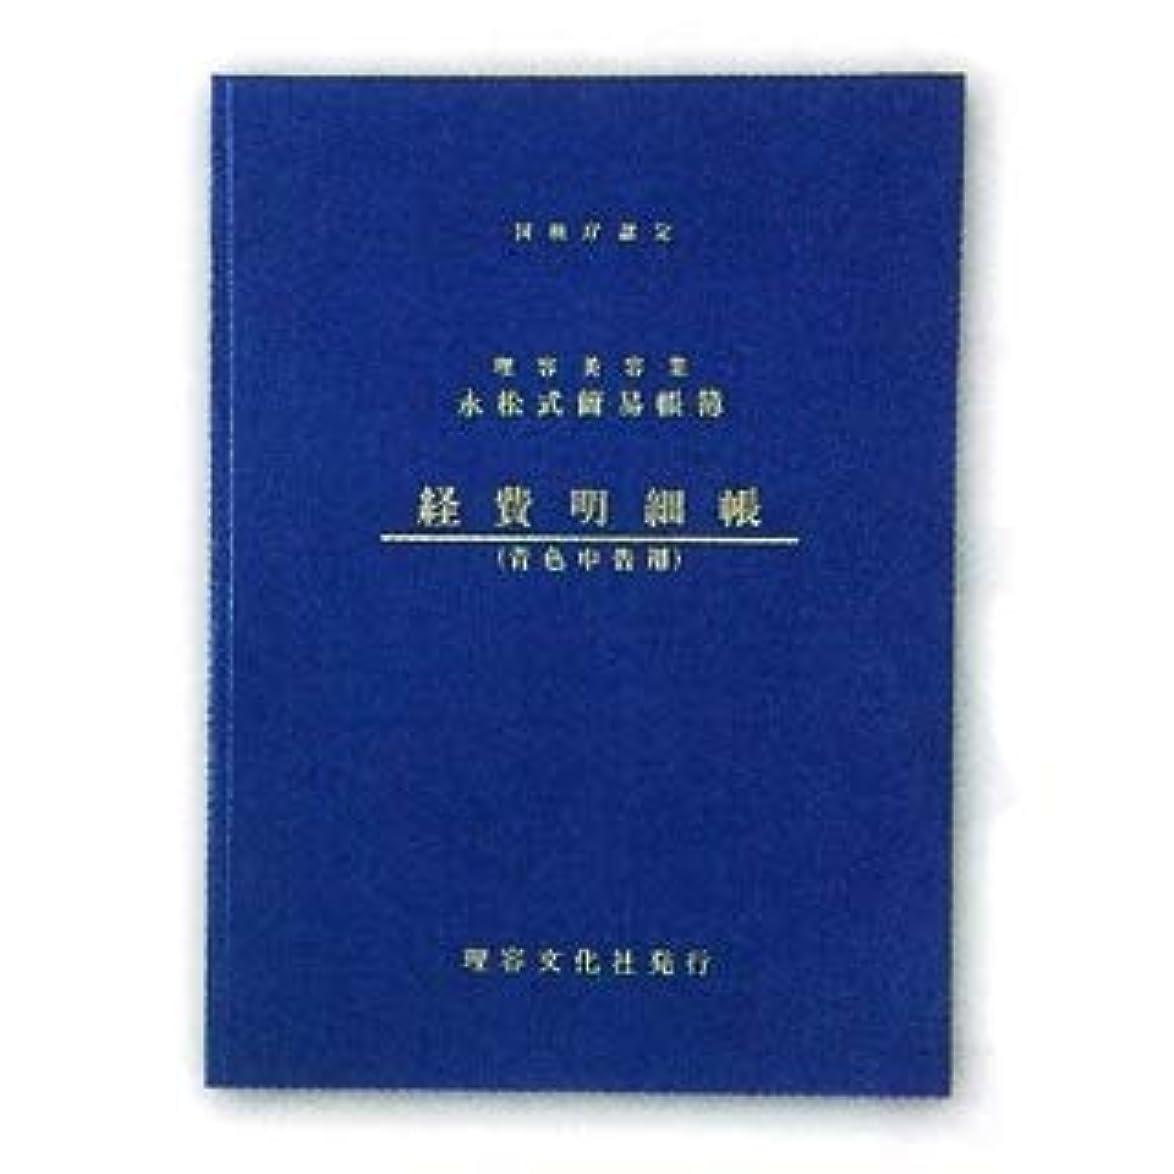 架空の立方体寛容永松式簡易帳簿 経費明細帳(青色申告用)